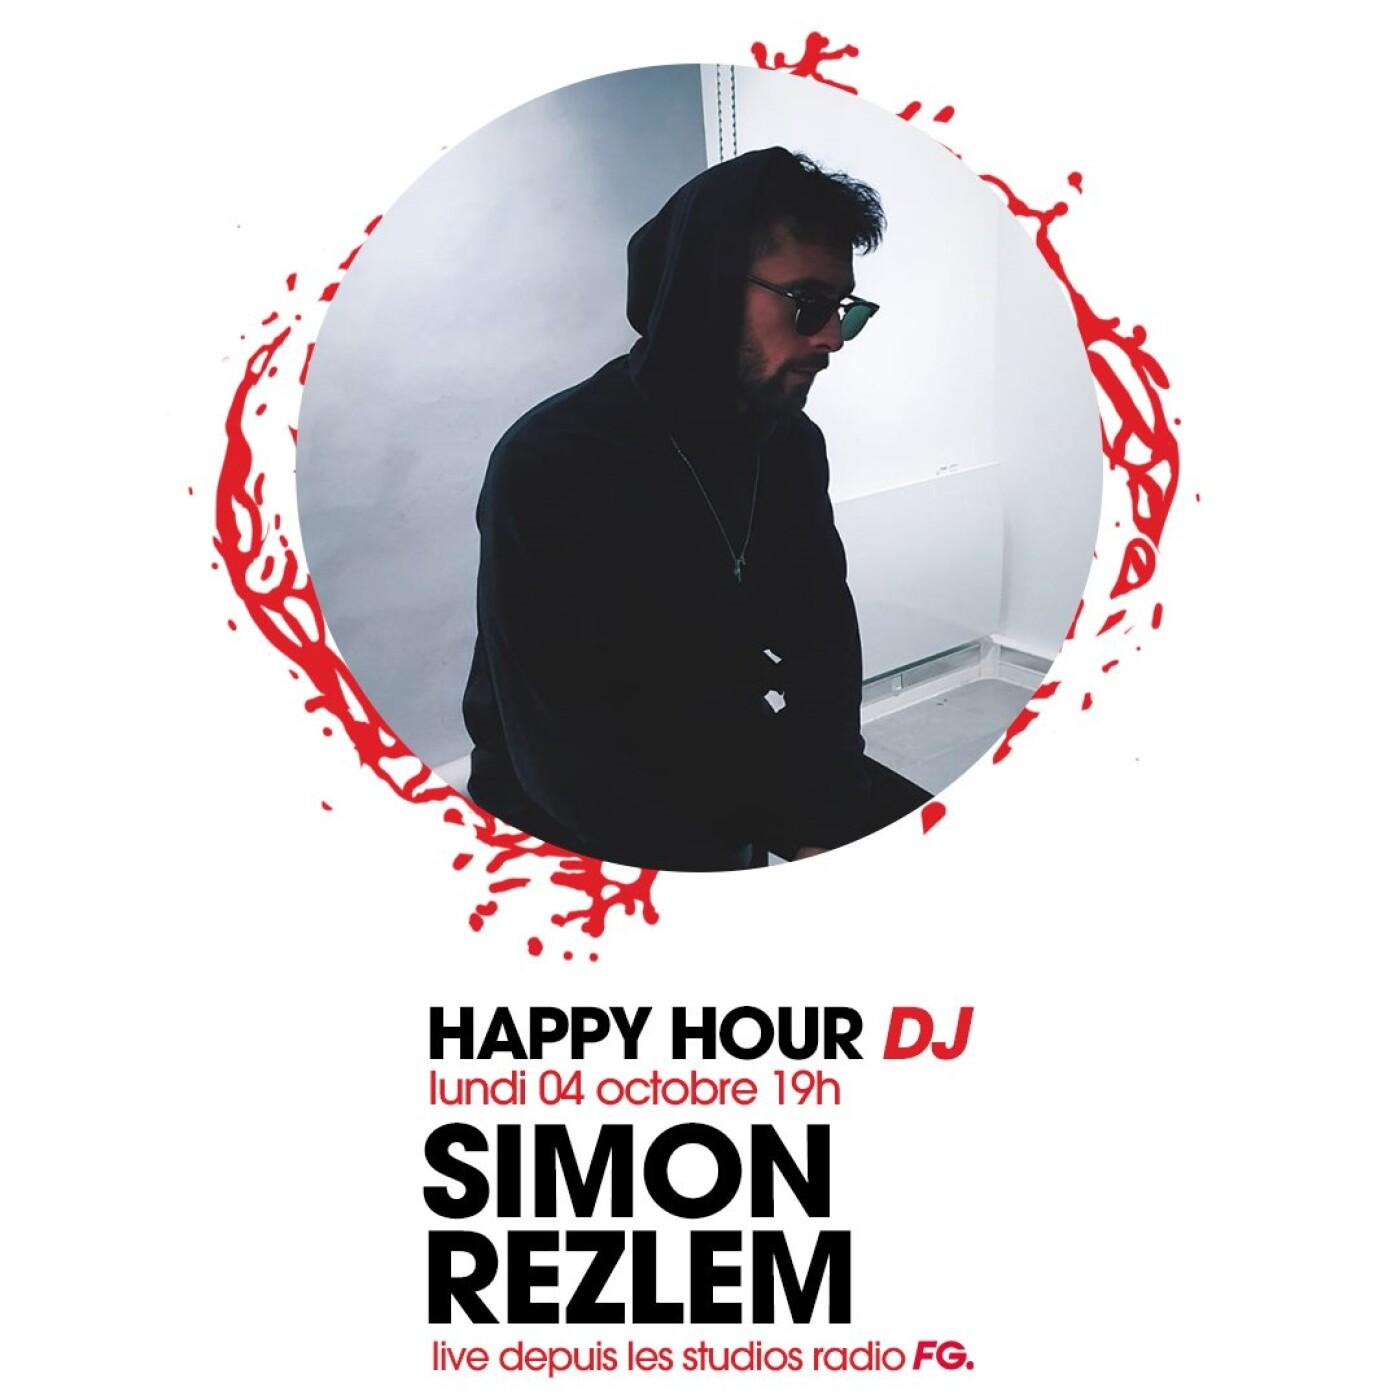 HAPPY HOUR DJ : SIMON REZLEM